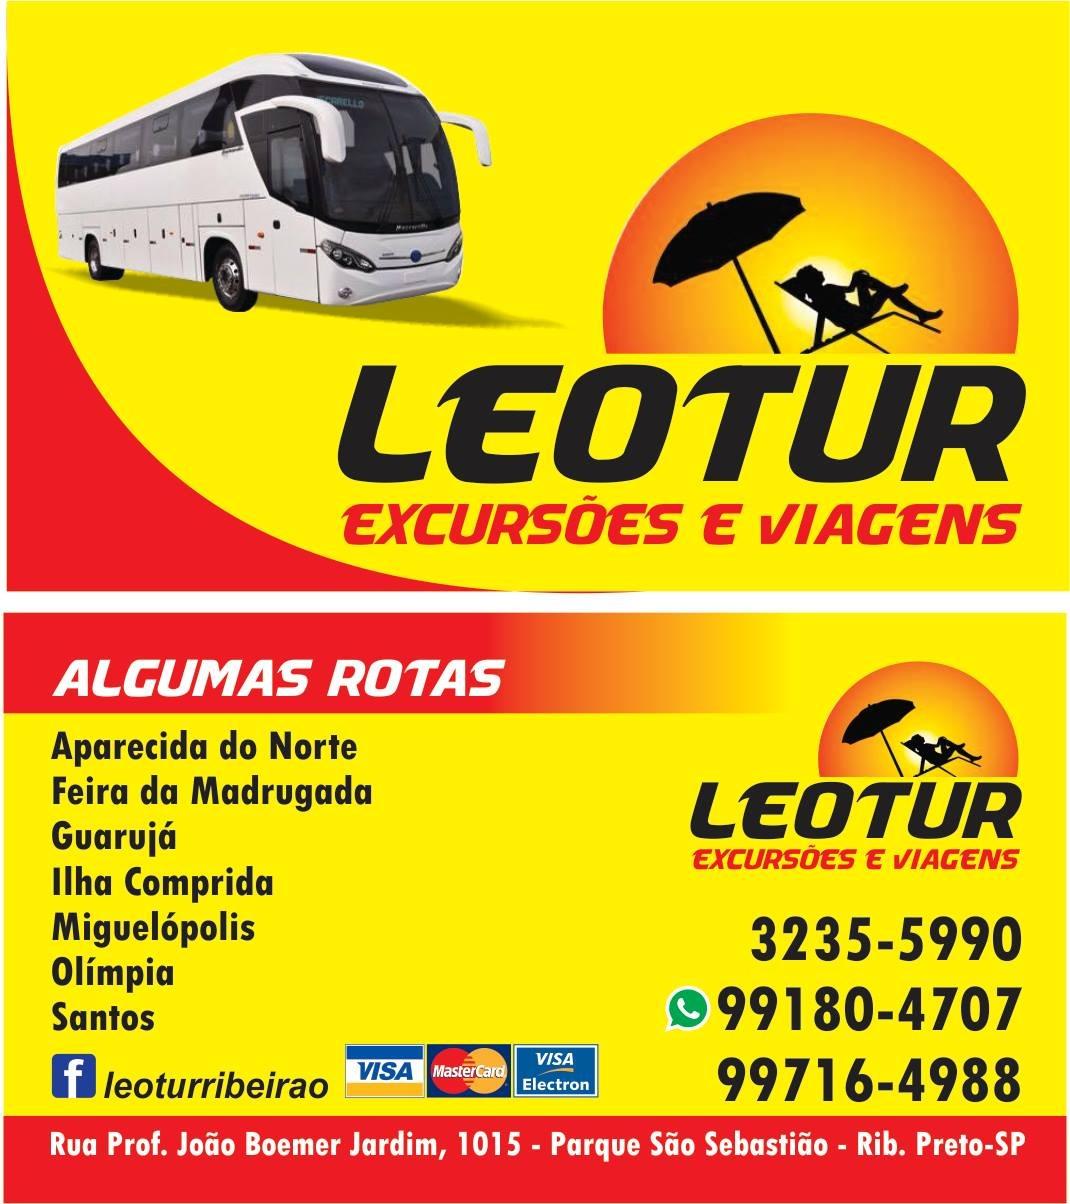 Leotur